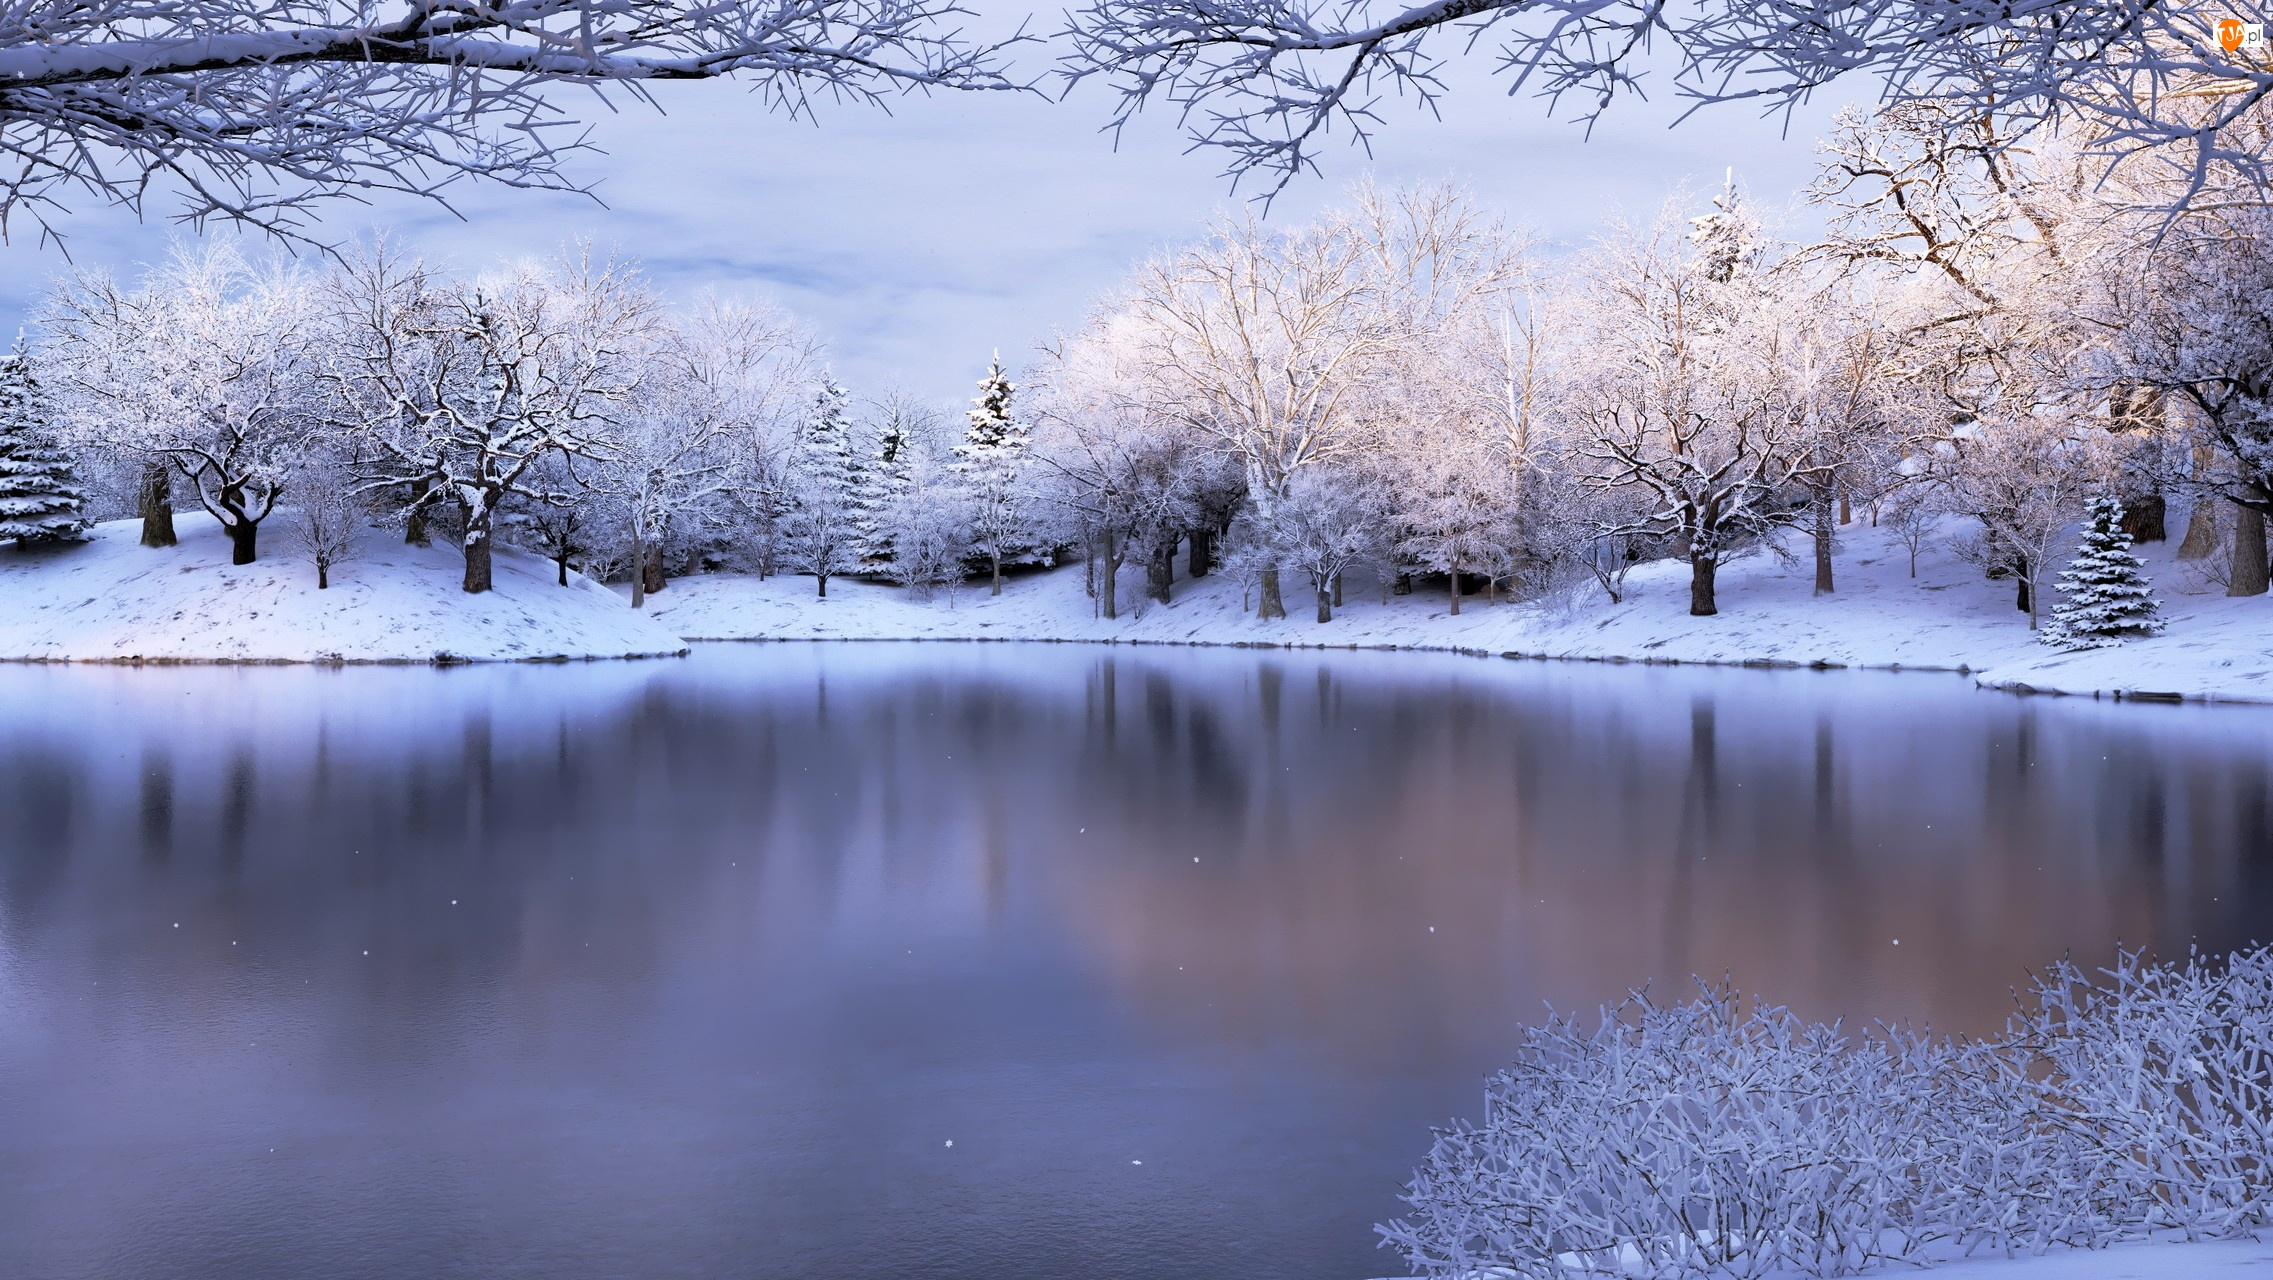 Ośnieżone, Zima, Jezioro, Krzew, Drzewa, Gałęzie